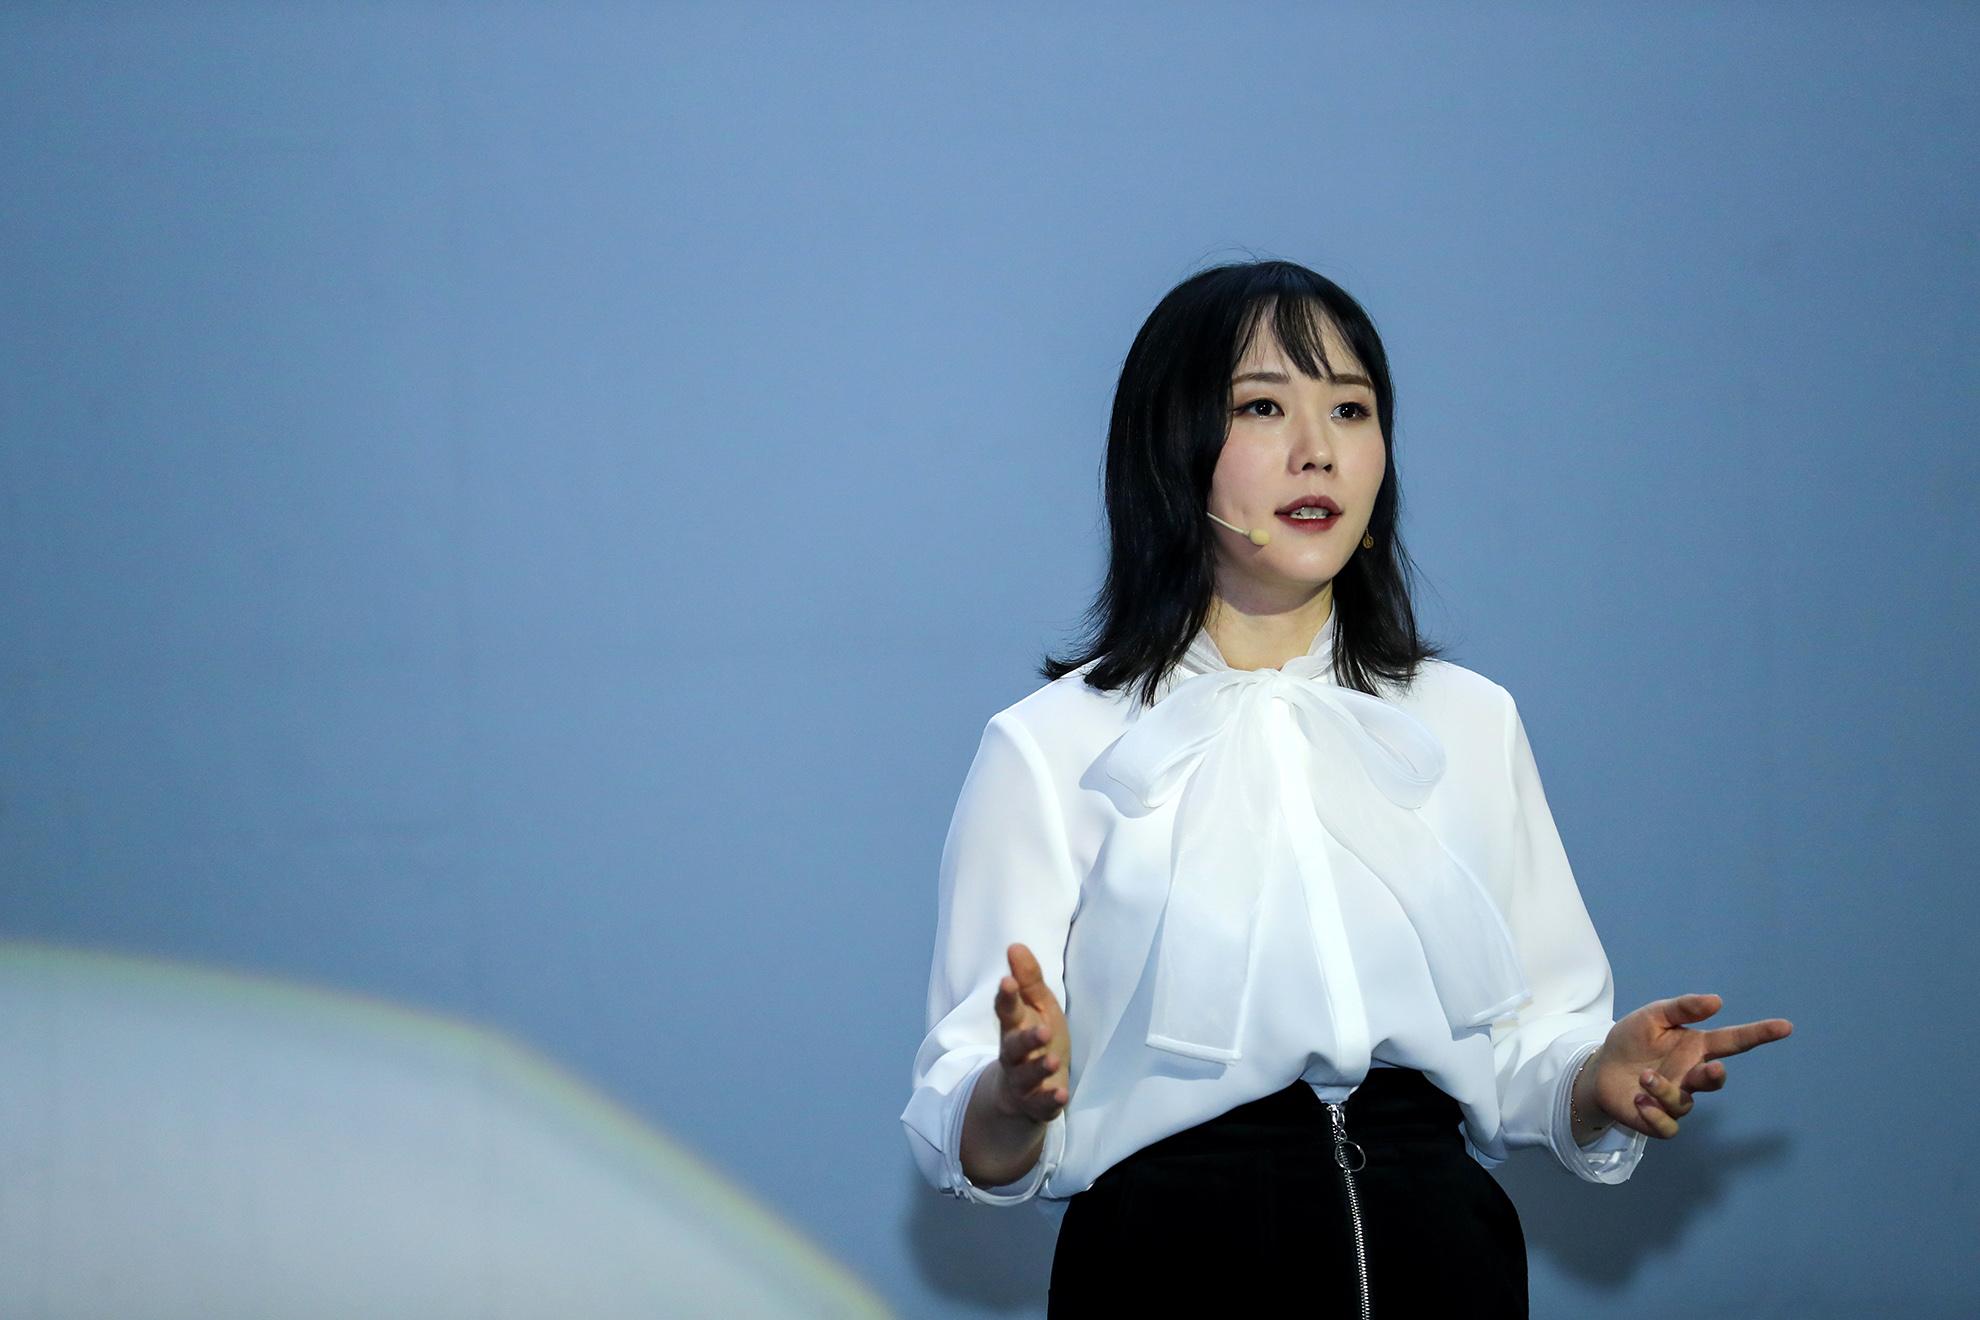 吉利icon外饰设计主导师马蓉女士